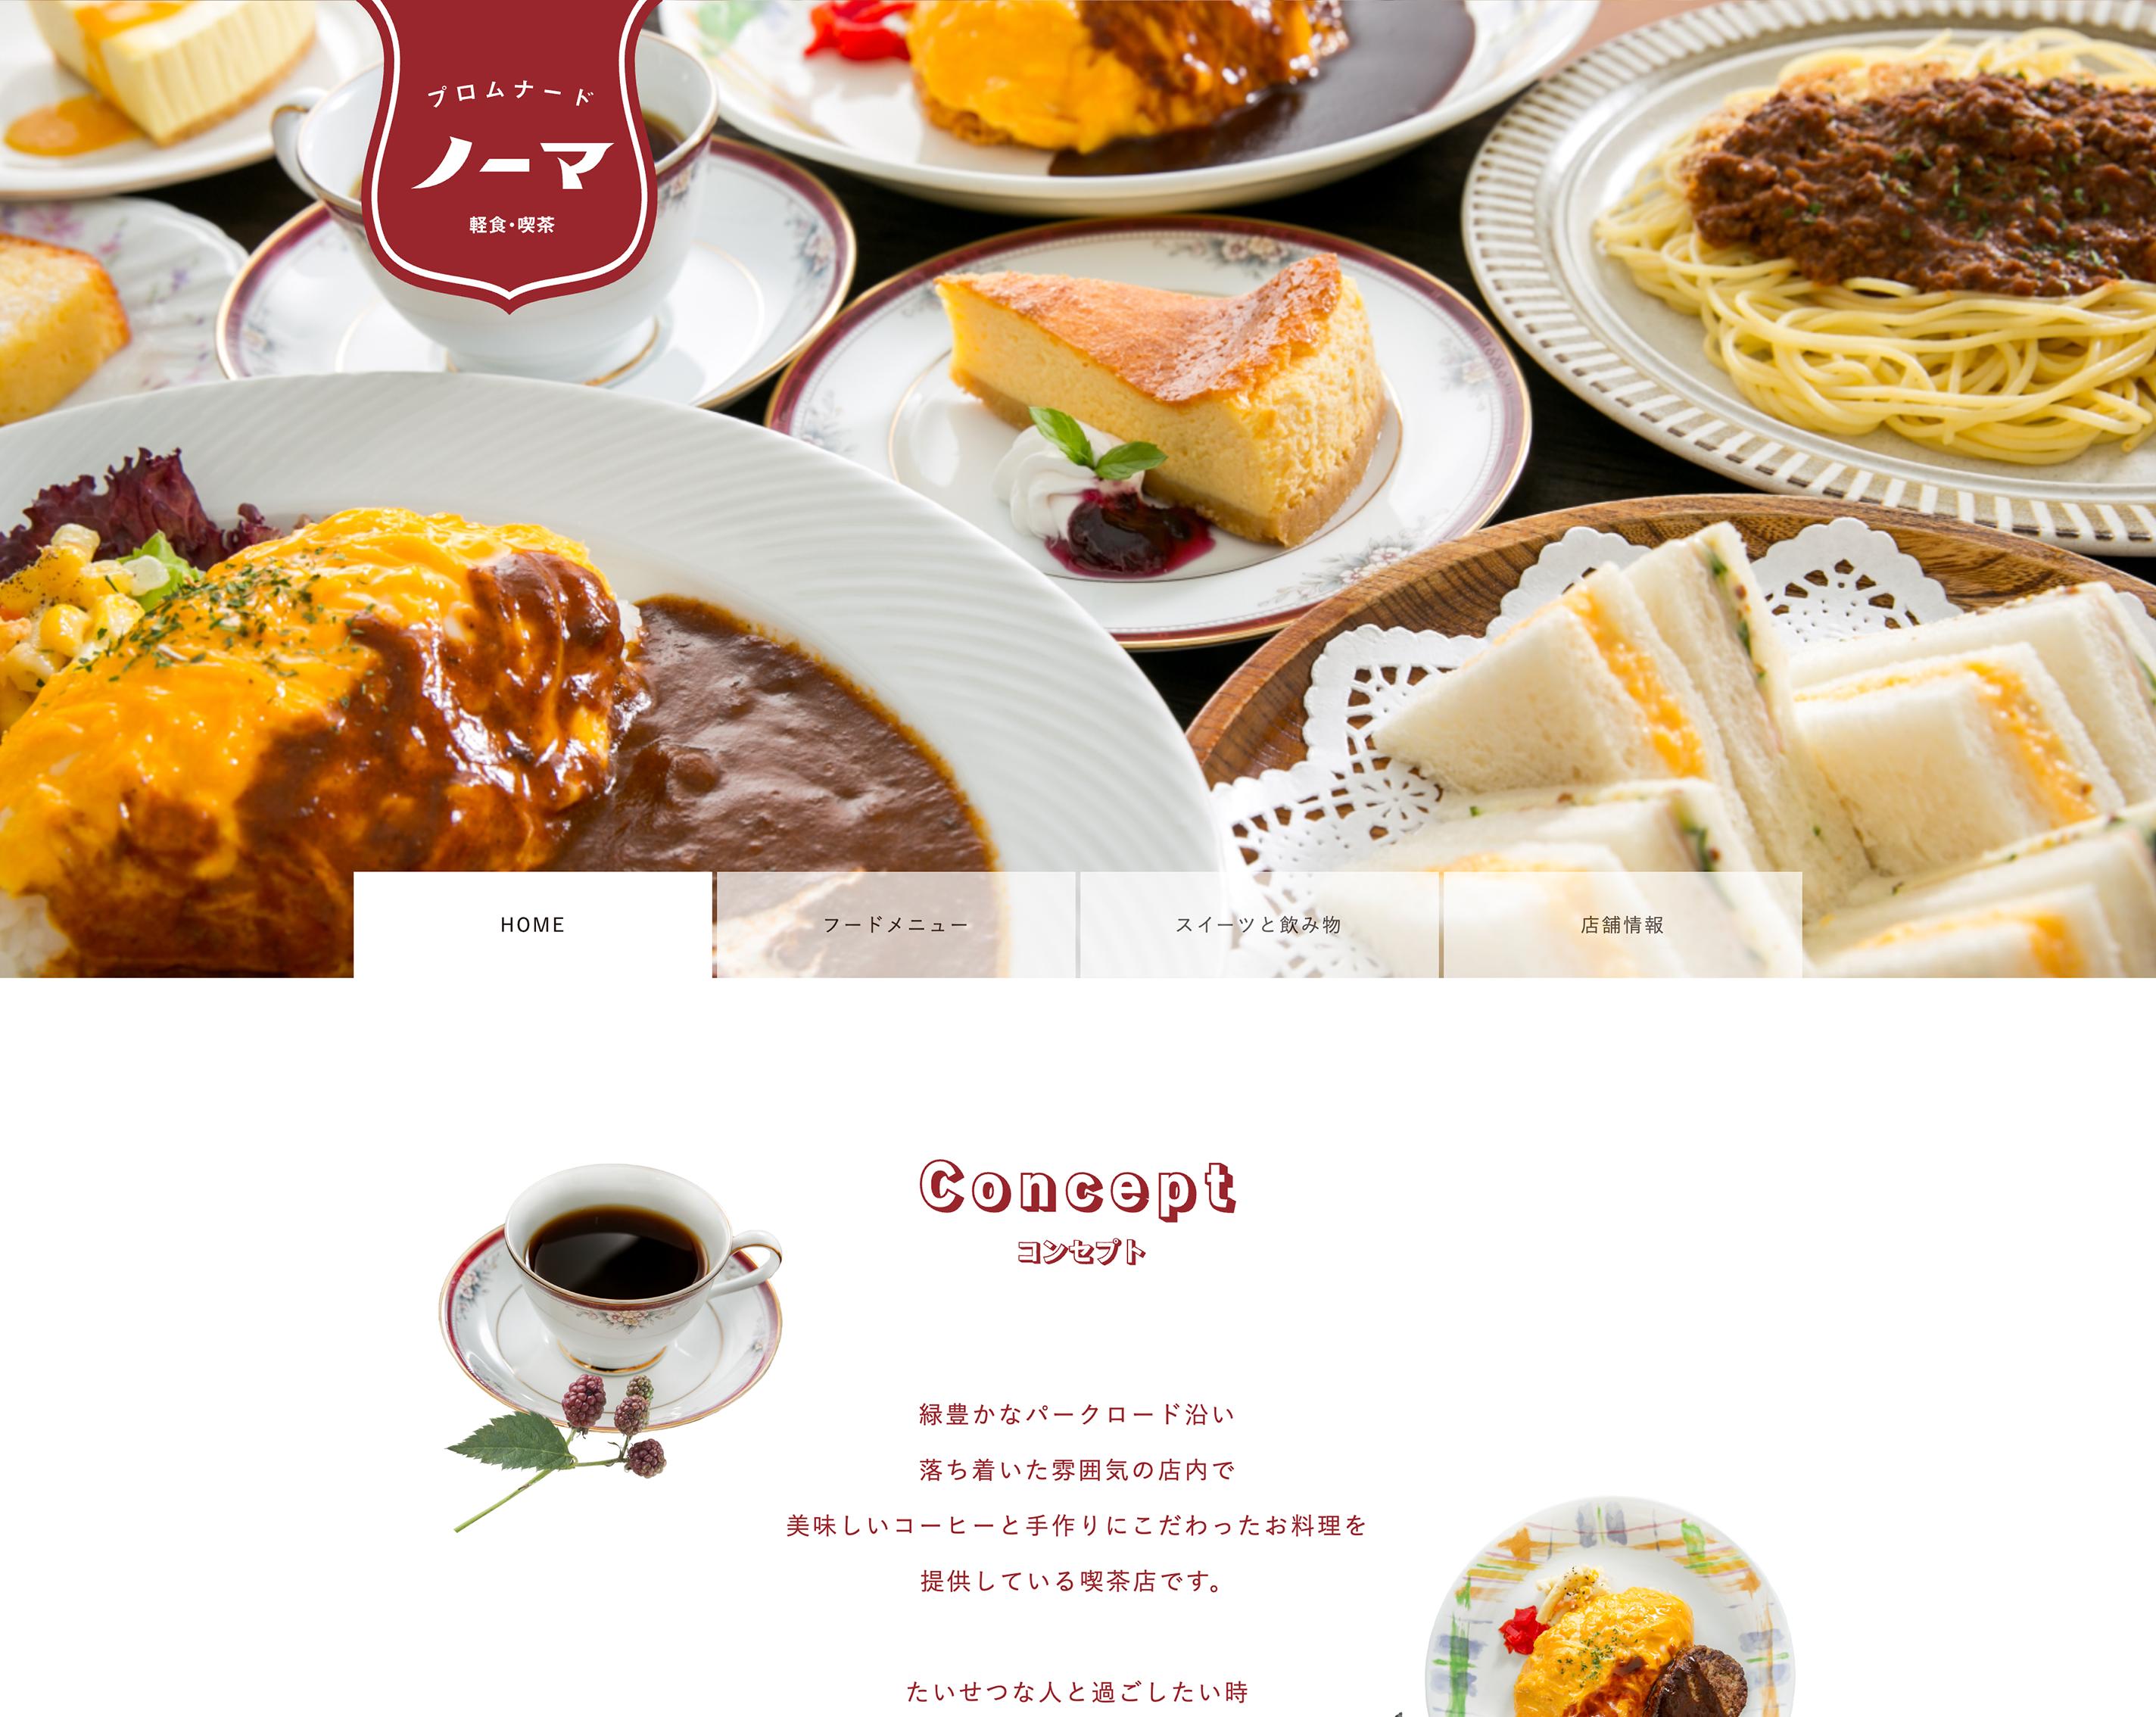 喫茶ノーマ様 飲食店サイト